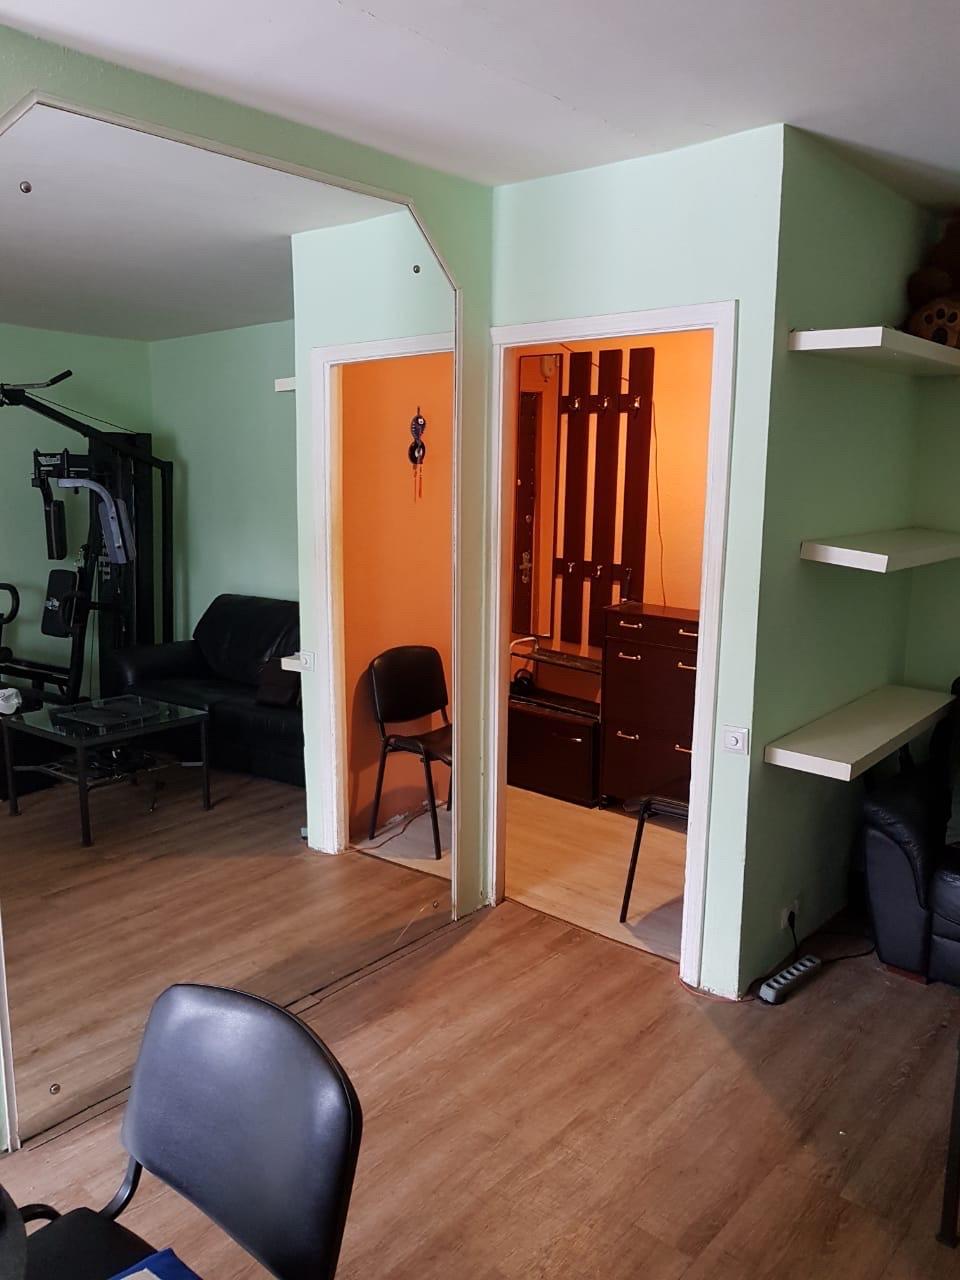 Квартира, 2 комнаты, 45 м² в Москве 89031007769 купить 2